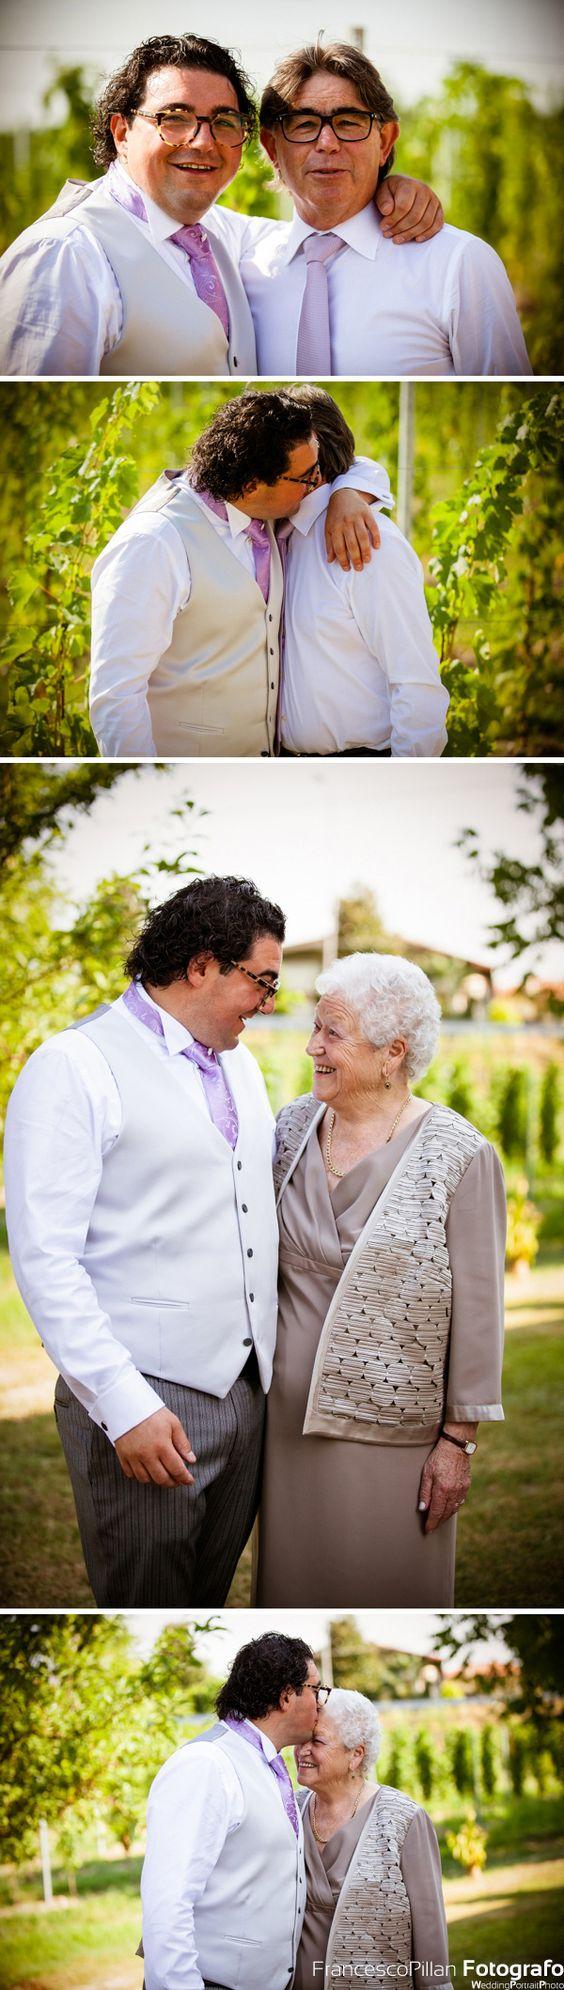 foto matrimonio celebrato presso la chiesa di lancenigo villorba treviso sposo presso il vigneto con papà e nonna